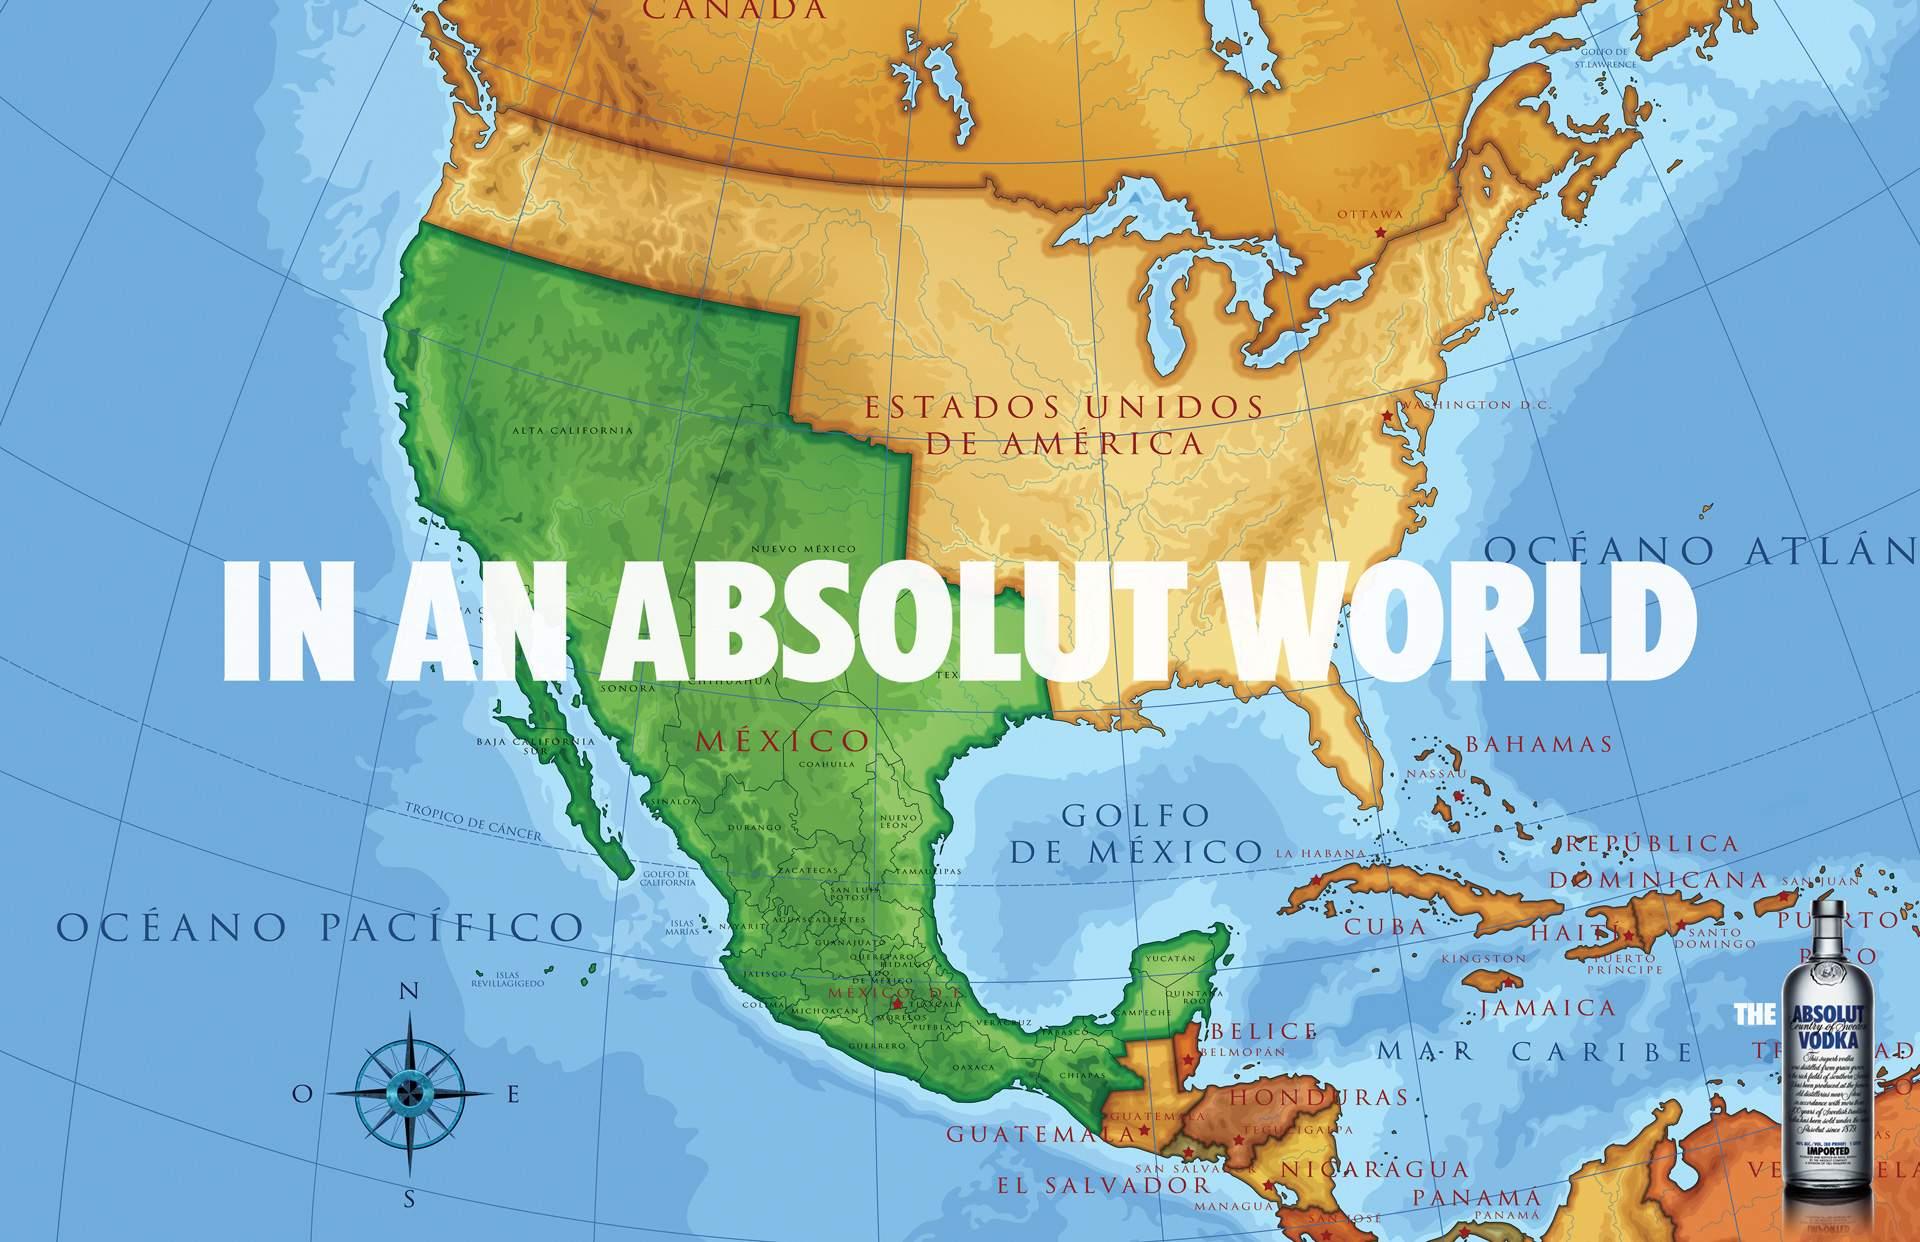 absolut_world2.jpg